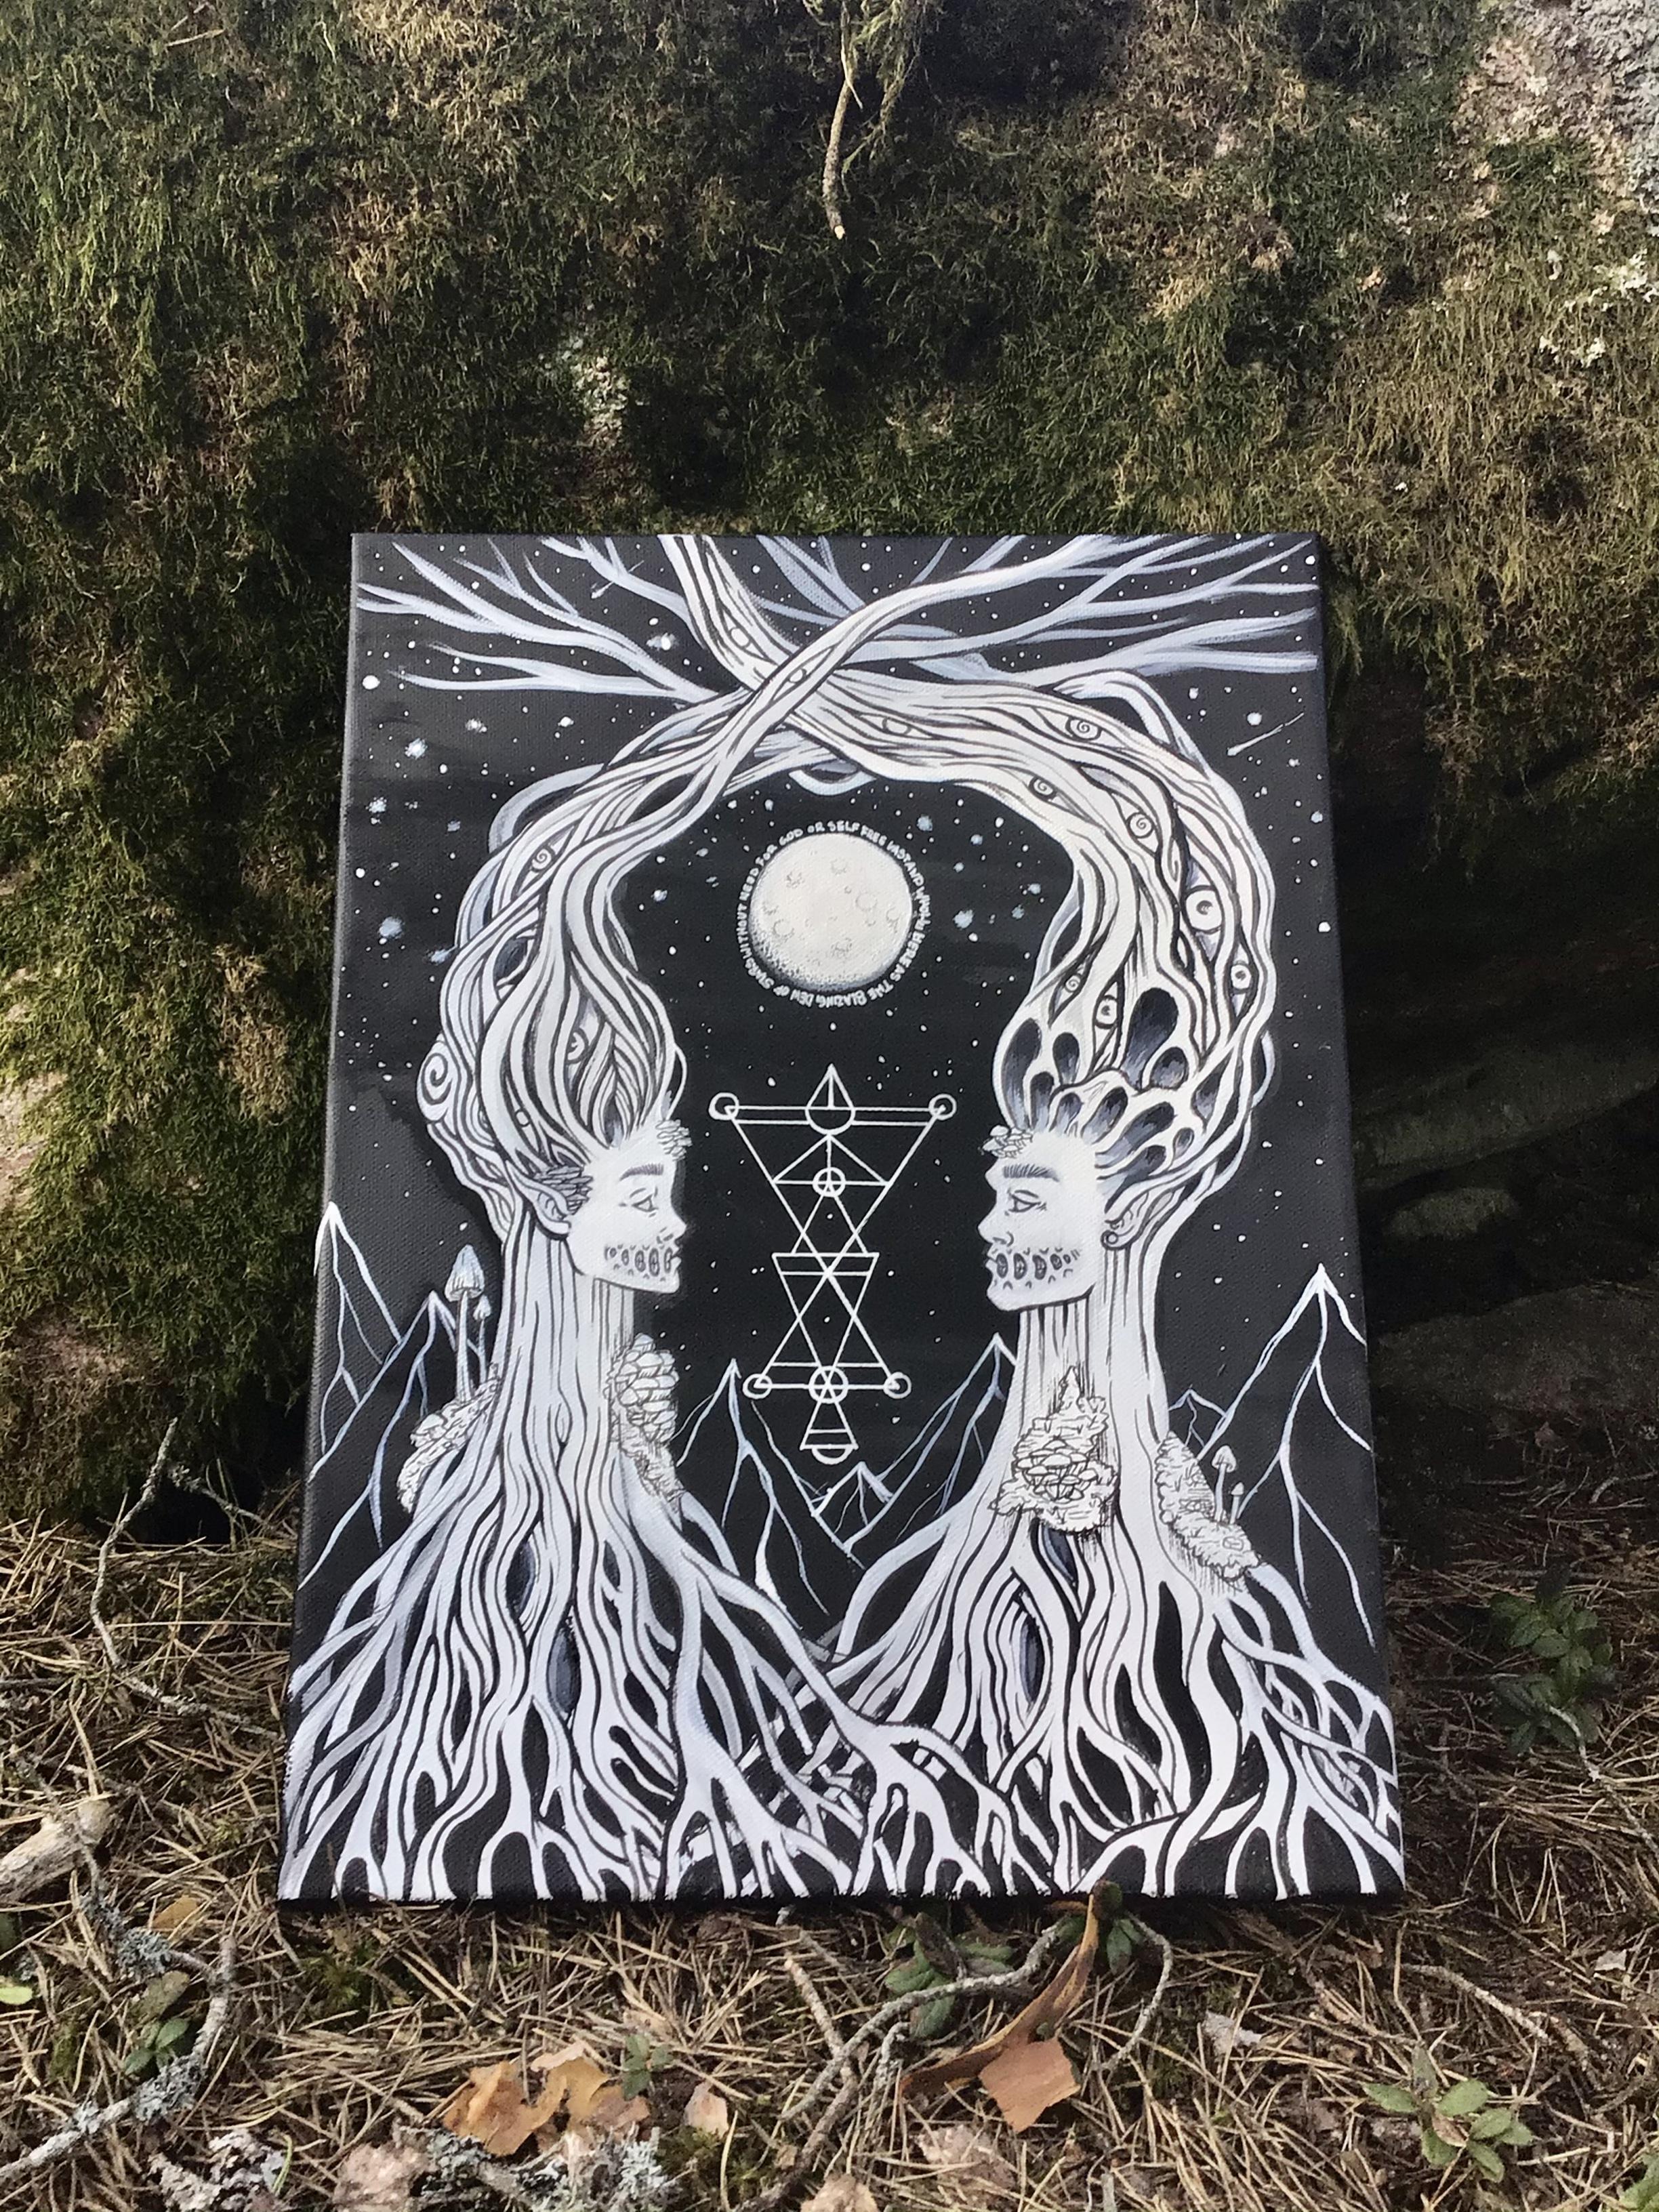 Målning i svart och vitt, av en man och kvinna med hår och kroppar som bildar grenar och rötter. En geometrisk symbol och en måne är ritad mellan dem